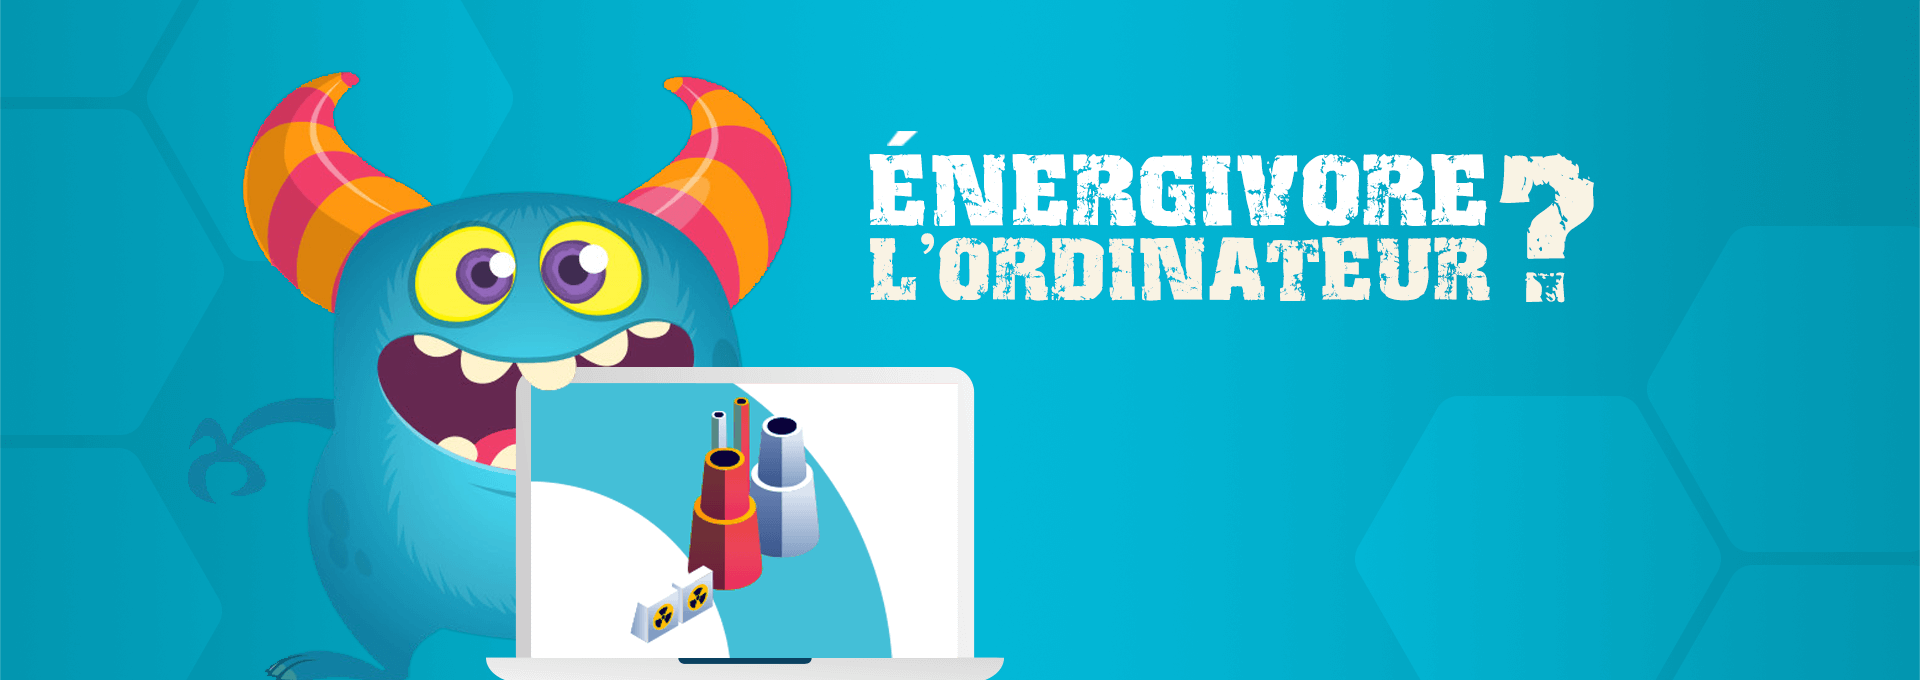 énergie énergivore ordinateur